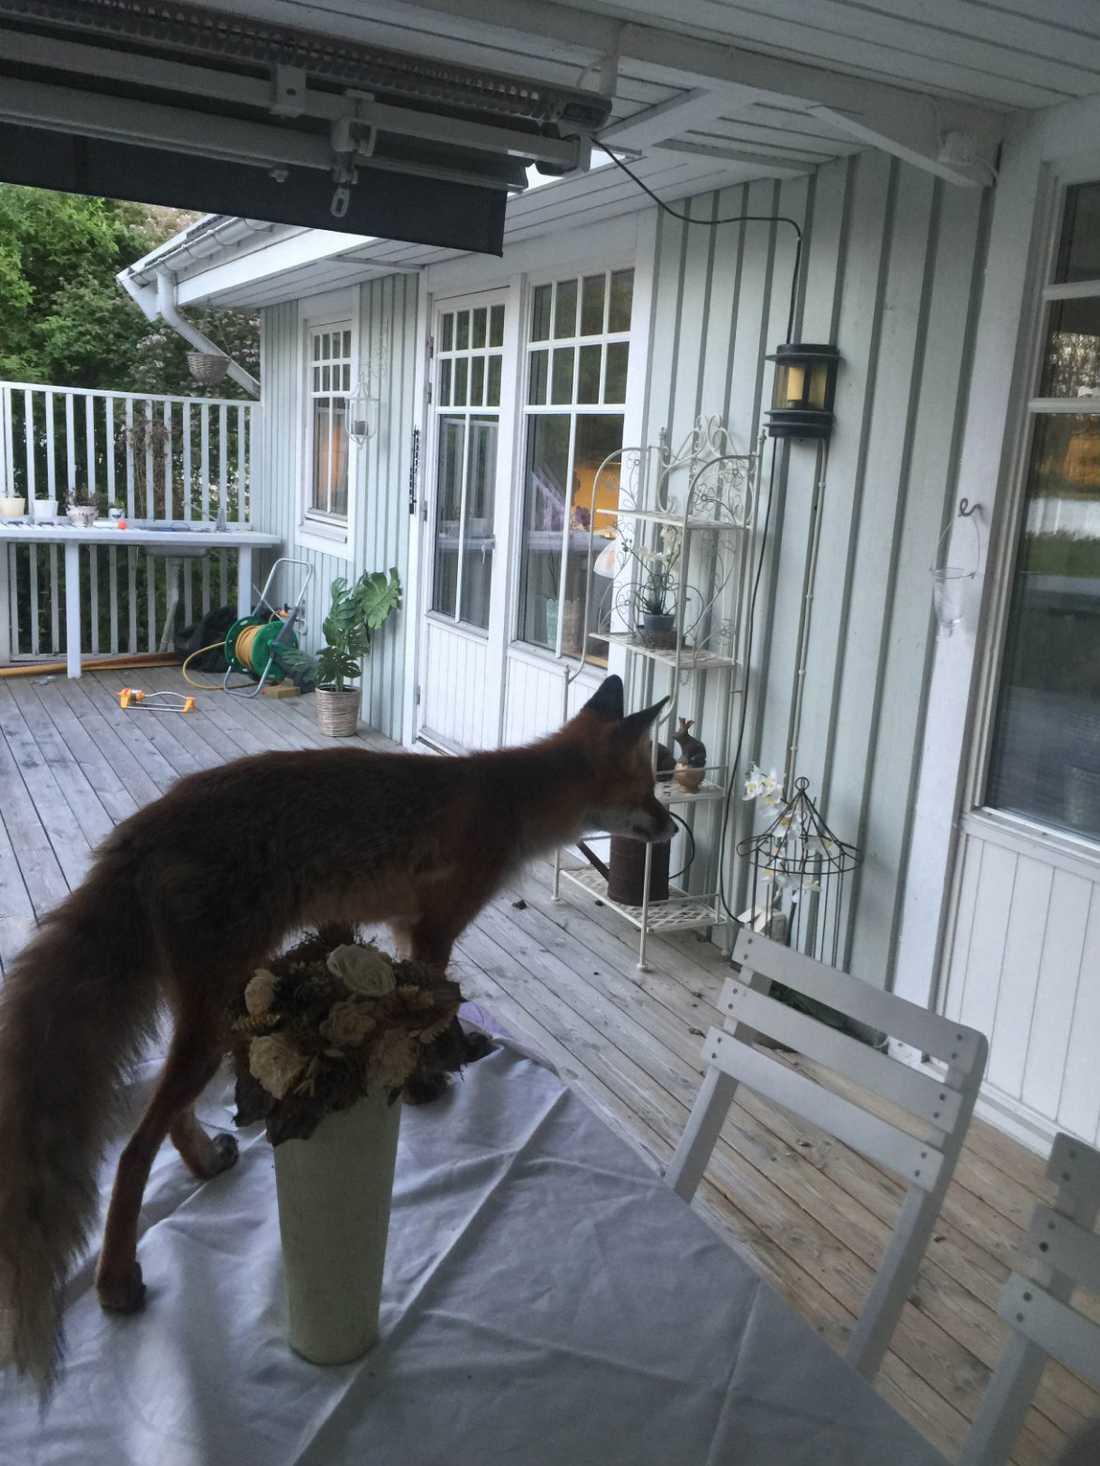 Enligt Cecilia var räven totalt orädd och snarare lite kaxig.